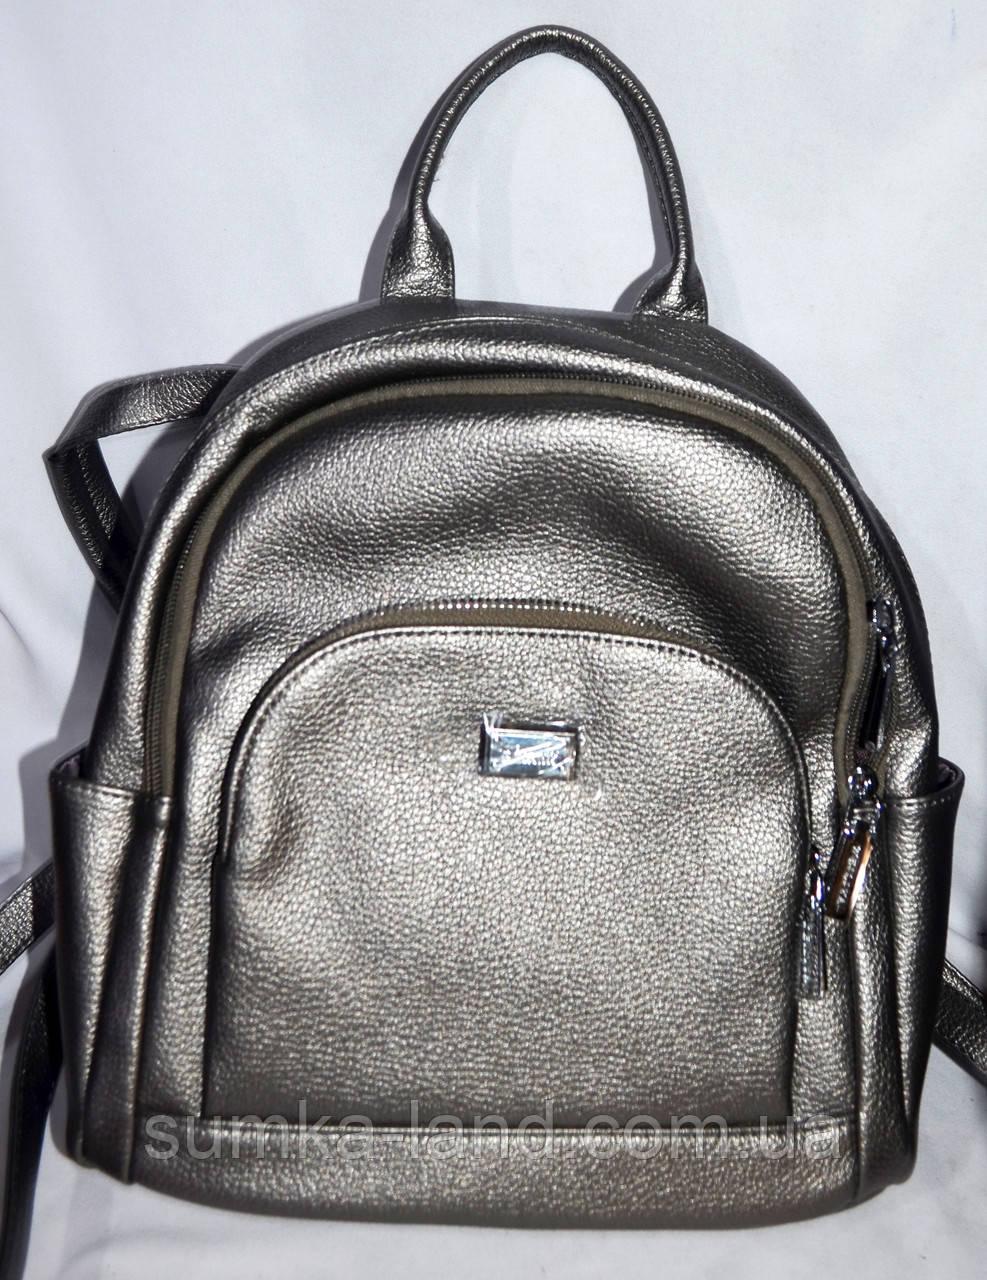 81d0374f0d92 Женский маленький рюкзак-сумка из кожзама 27*28 см (графит), цена ...